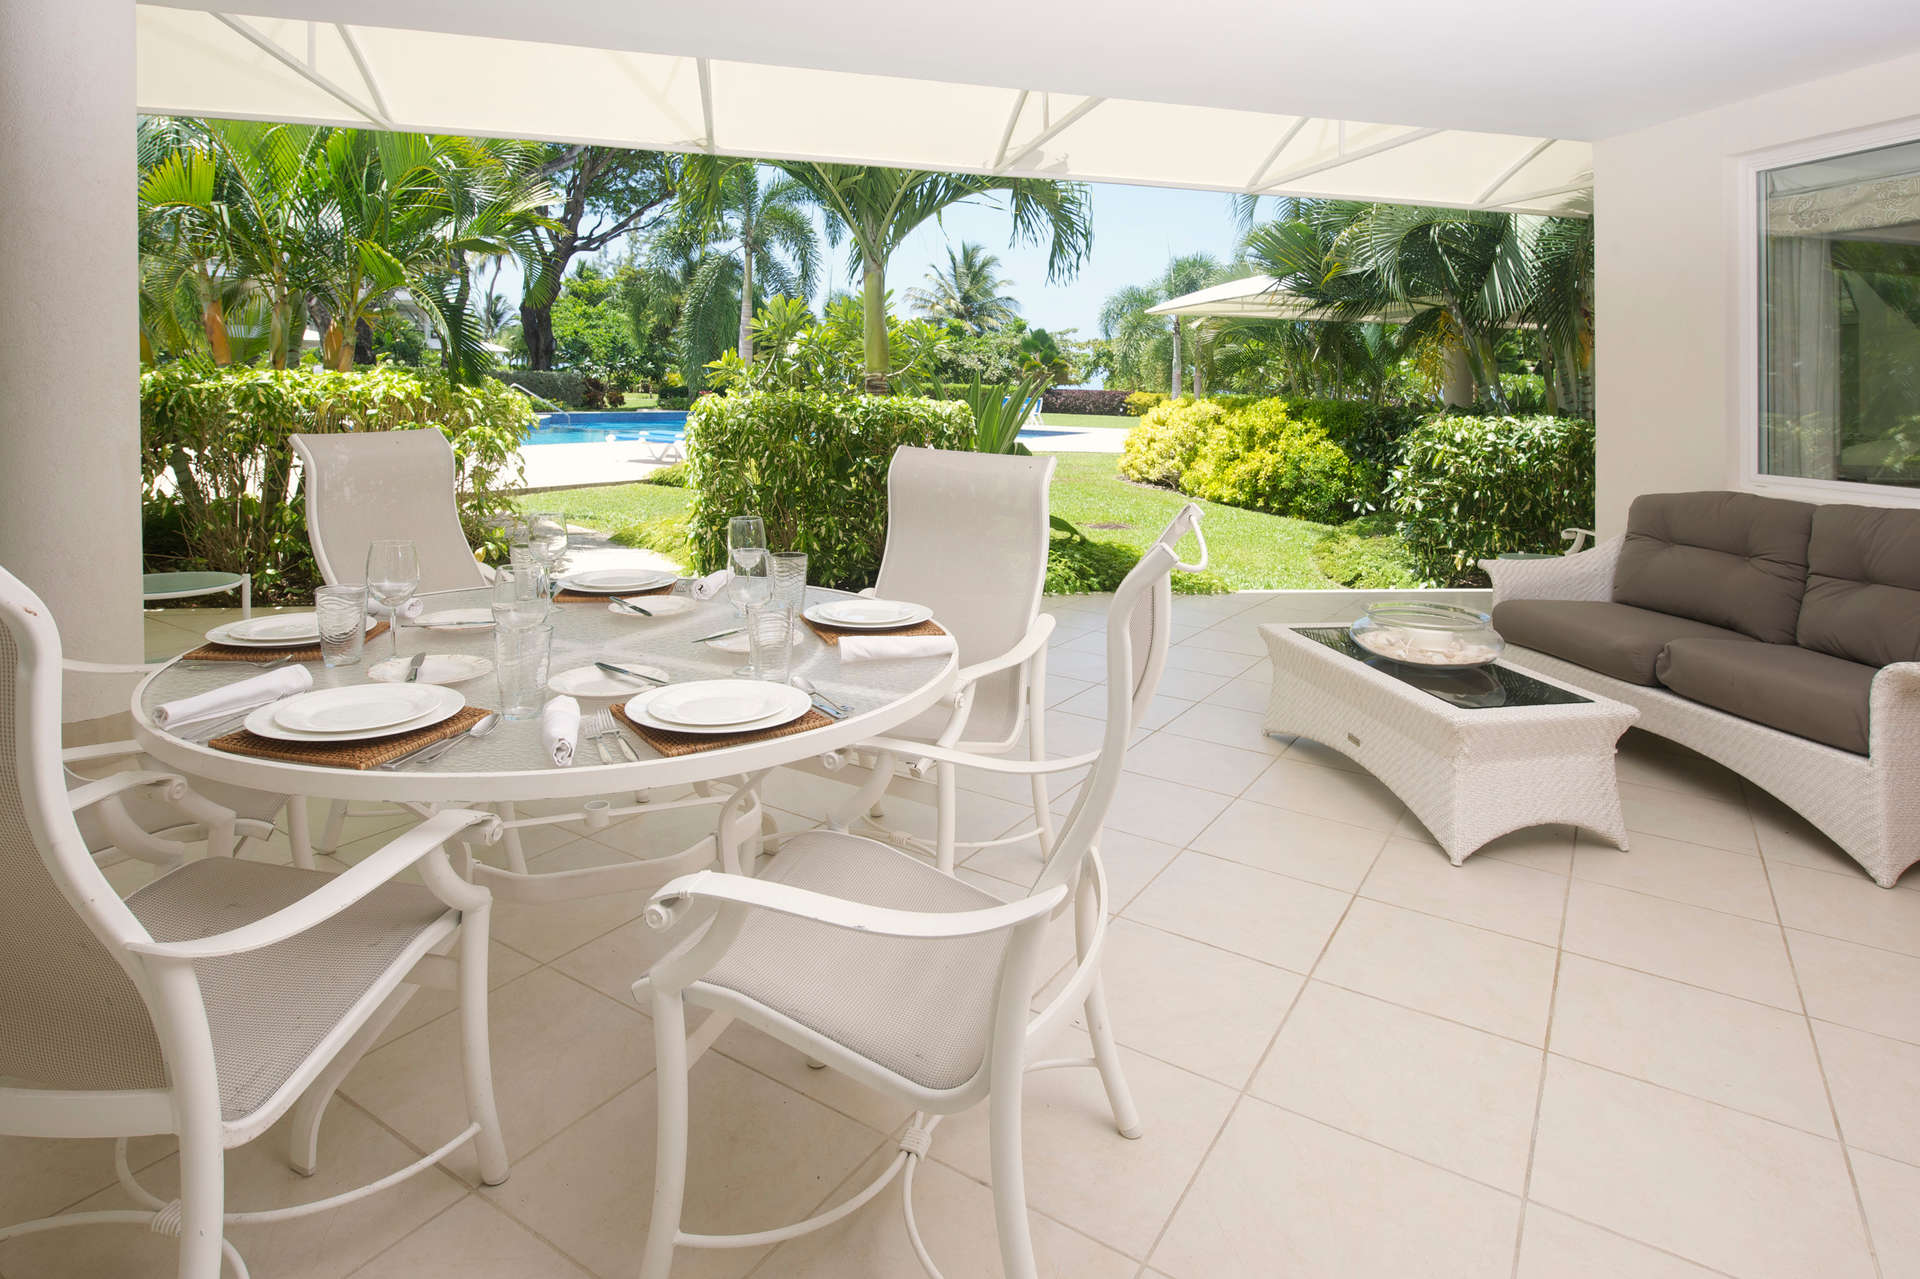 Luxury villa rentals caribbean - Barbados - Christ church - Palm beach condos - Palm Beach 110 - Image 1/11